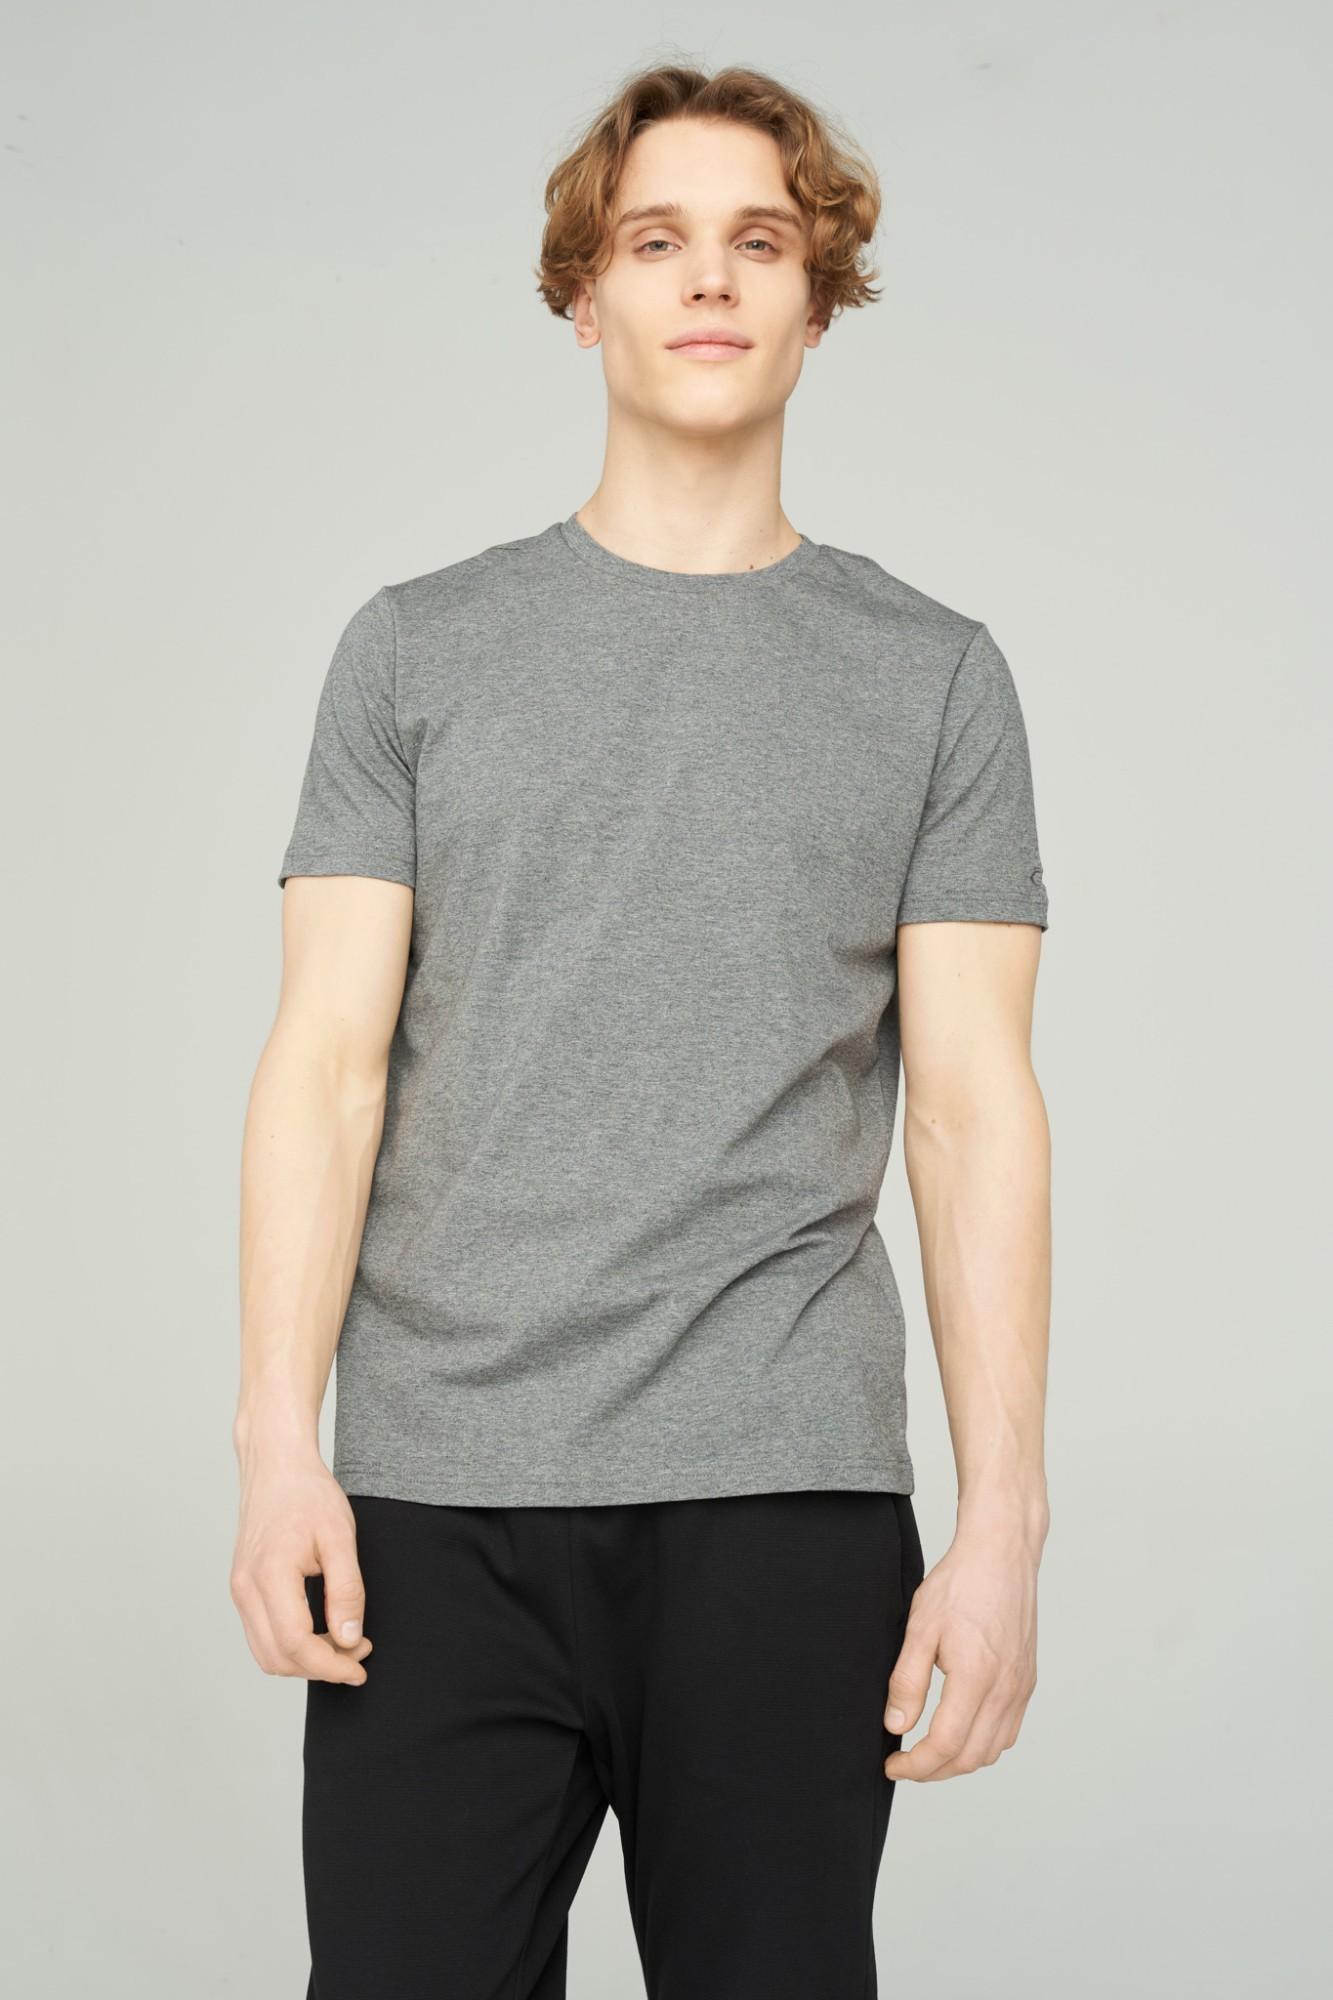 AUDIMAS Tamprūs medvilniniai marškinėliai 2011-472 Mid Grey Melange M